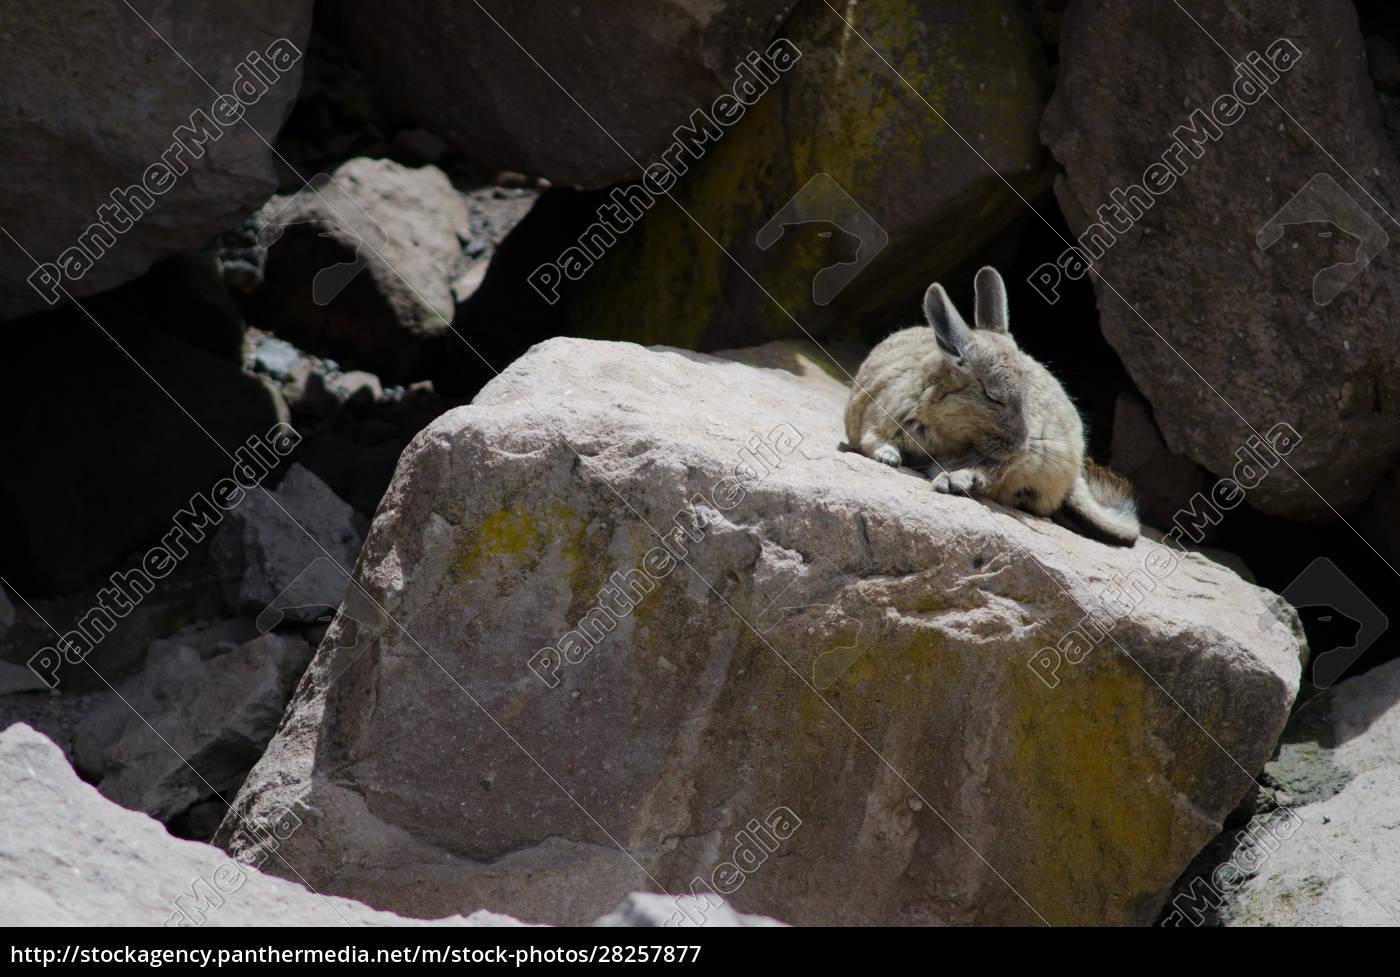 southern, viscacha, lagidium, viscacia, wiping, coat - 28257877